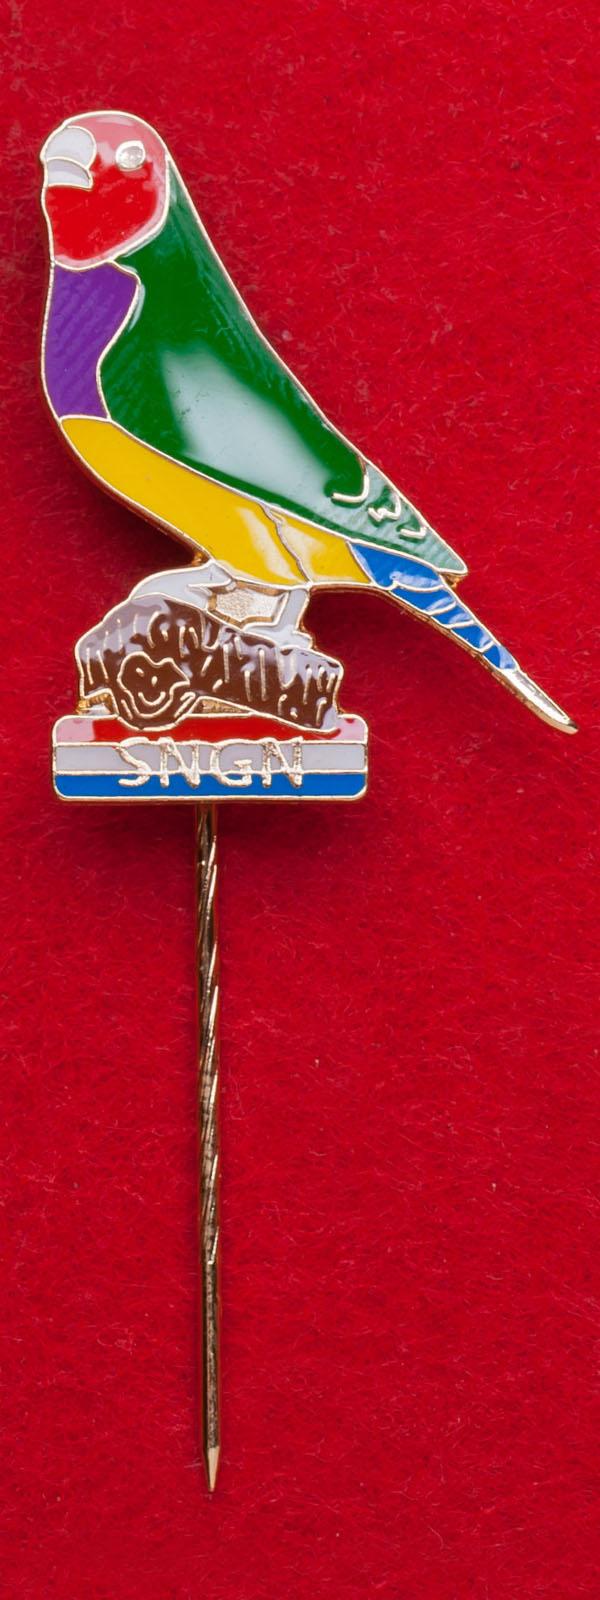 Значок клуба селекционеров зябликов в Голландии